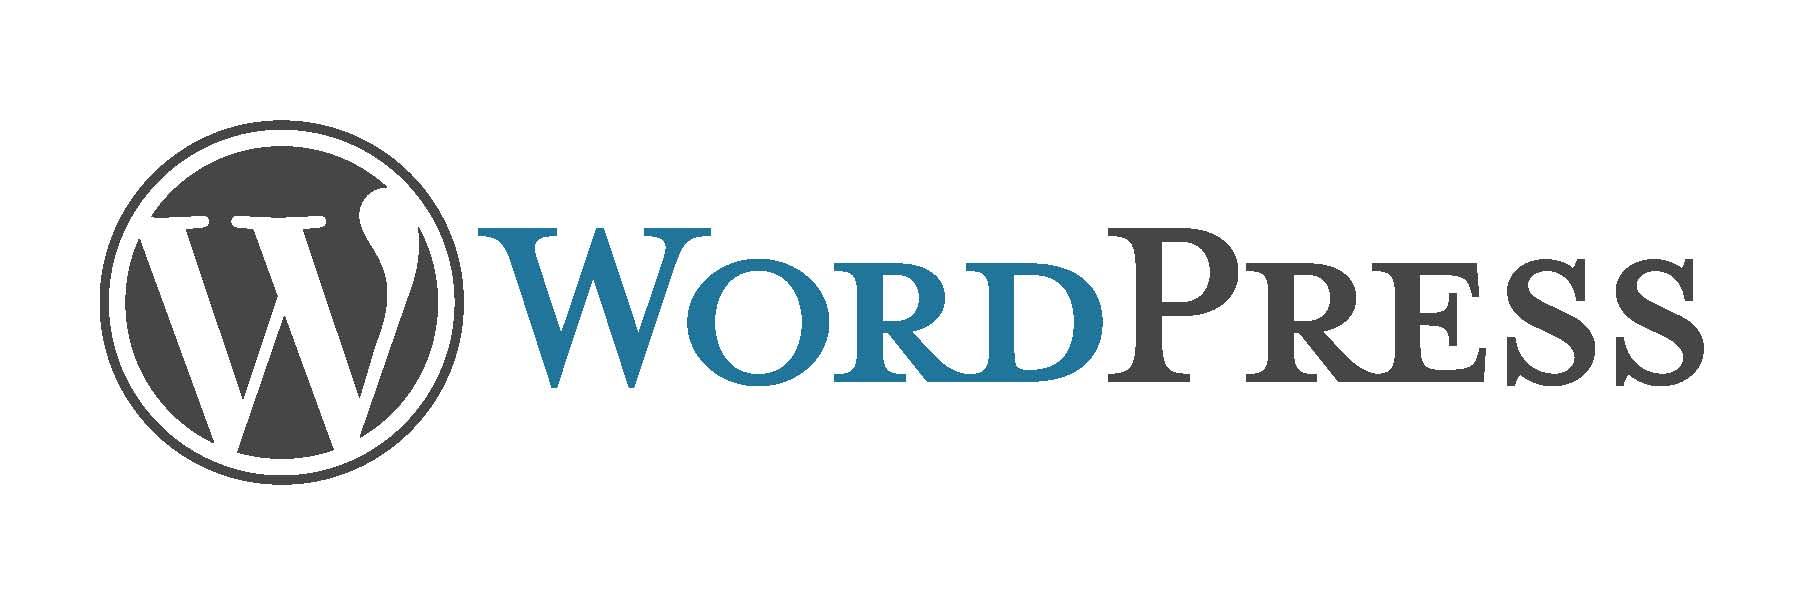 src=http___blog.orx.me_wpcontent_uploads_2013_12_wordpresslogo.jpgrefer=http___blog.orx.jpg